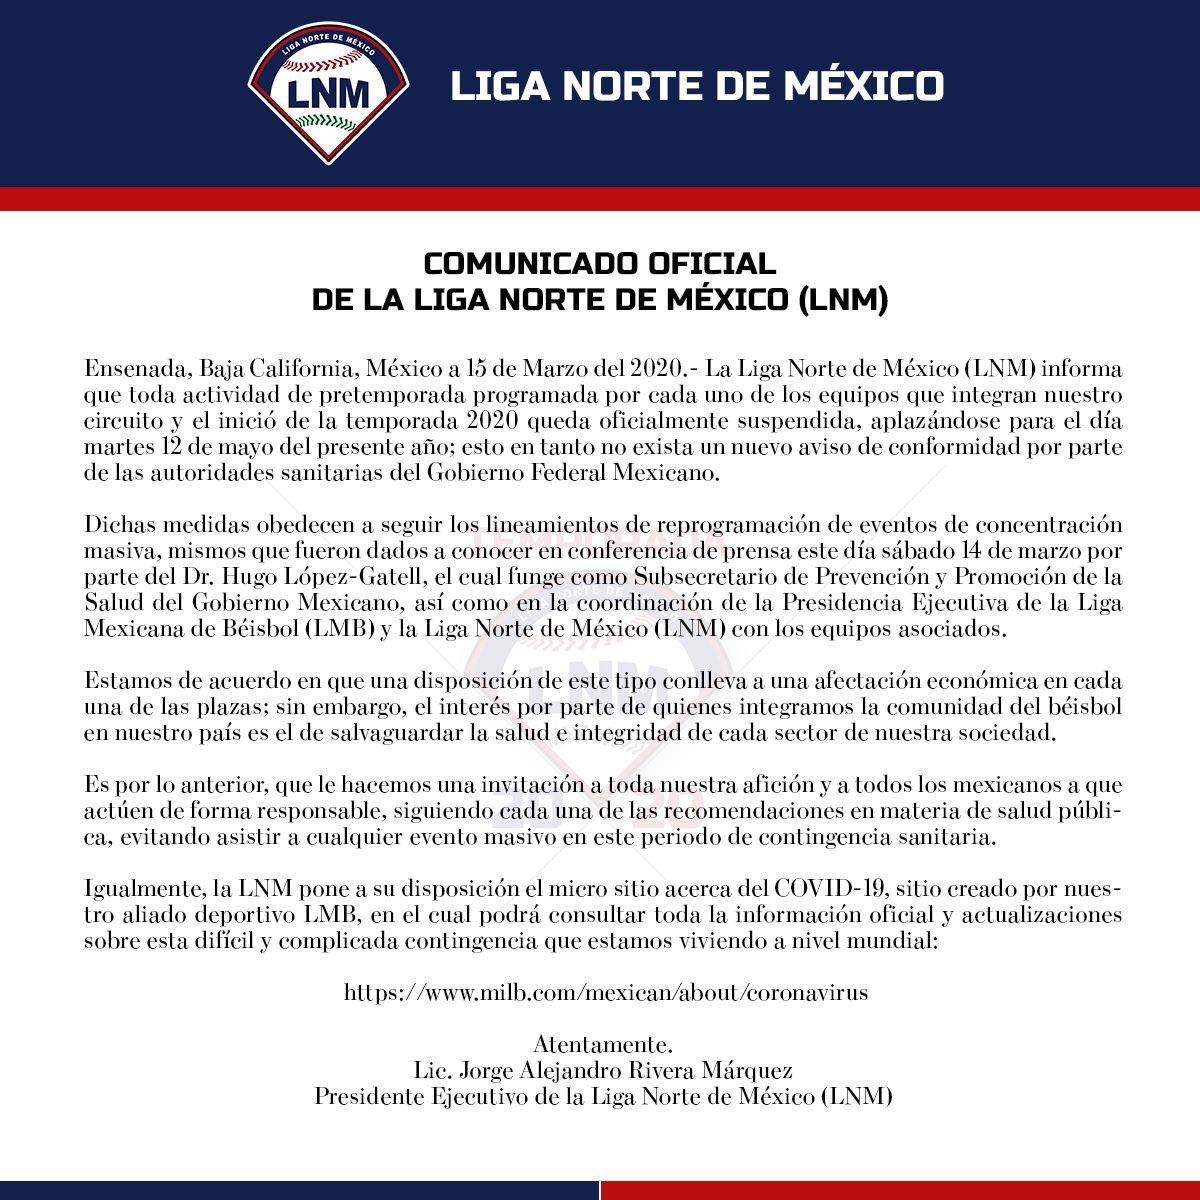 Comunicado oficial de Liga Norte de México sobre el aplazamiento de su temporada 2020.